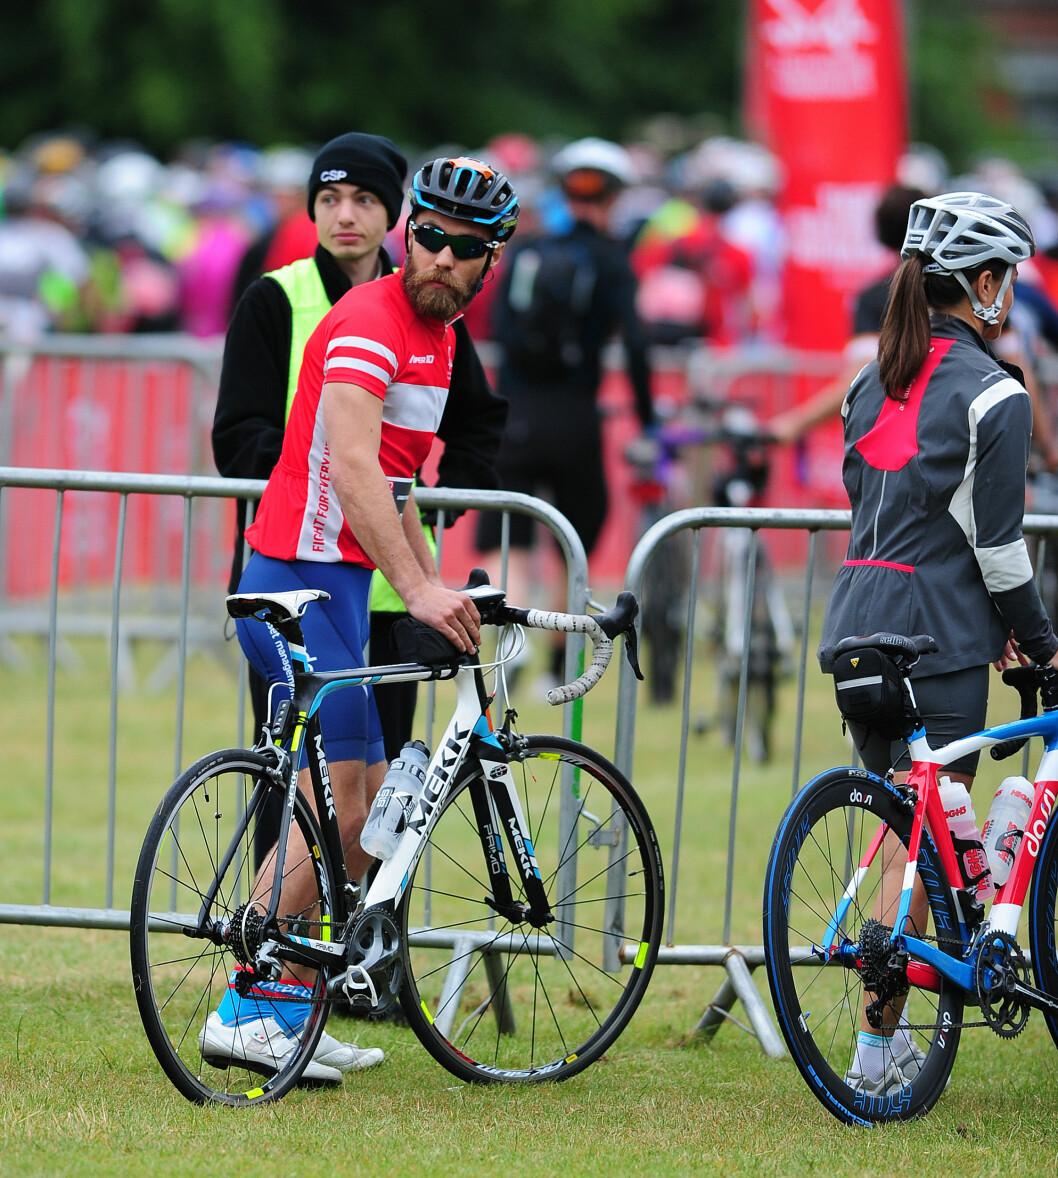 <strong>SPORTY:</strong> Både Pippa og James Middleton er svært aktive og her har de akkurat gjennomført et sykkelrace i forbindelse med en veldedighetstilstelning i London sommeren 2015. Pippa deltok for øvrig på det populære skirennet Birken i Norge i fjor. Foto:  Foto: NTB Scanpix